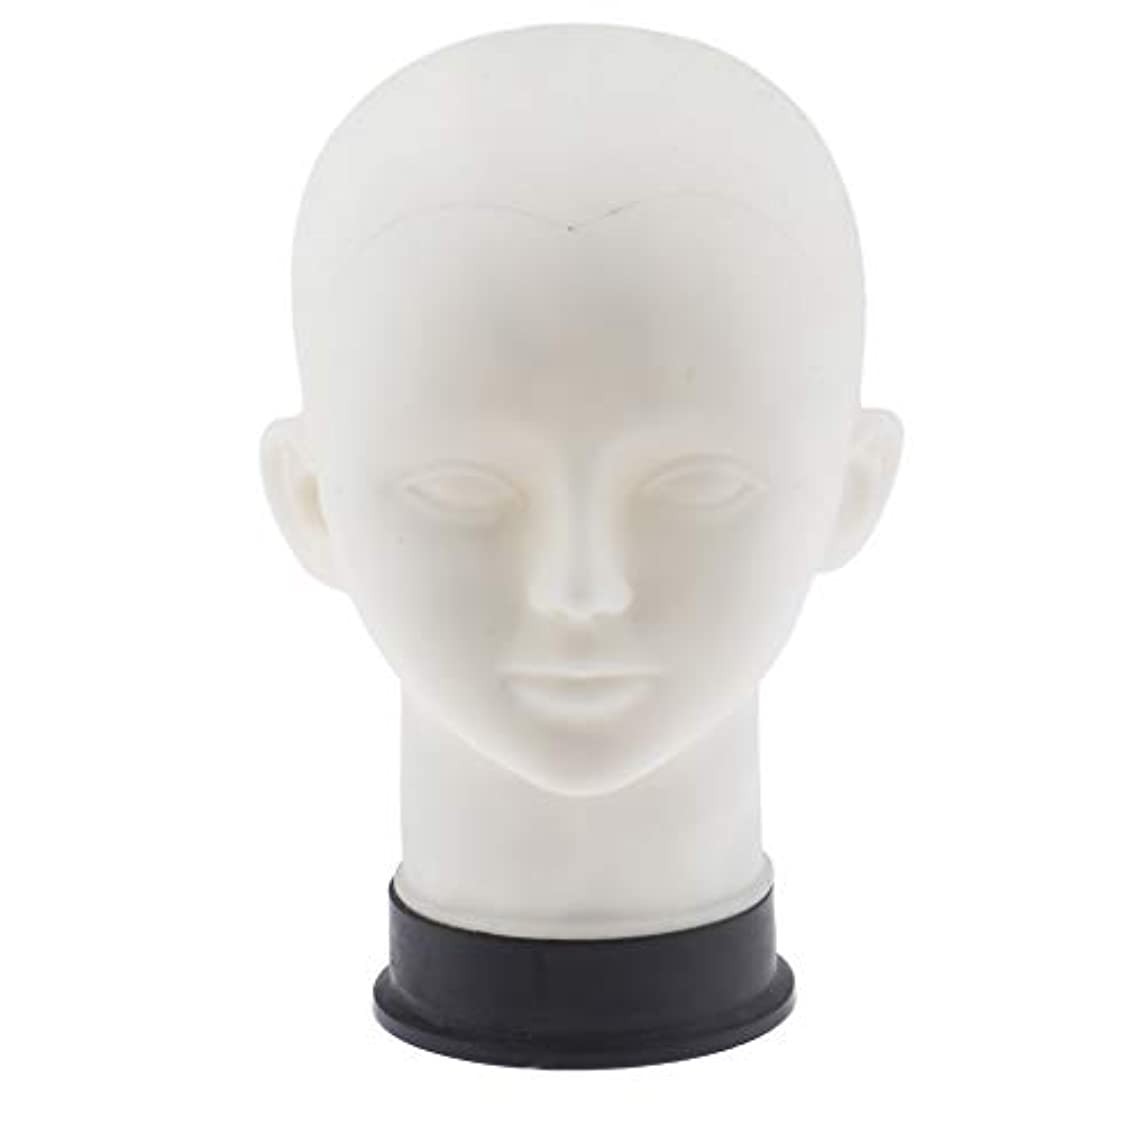 ブラウス全能節約するマネキンヘッド 男性 メイクアップ練習 かつら 帽子 スカーフ ディスプレイ ホルダー